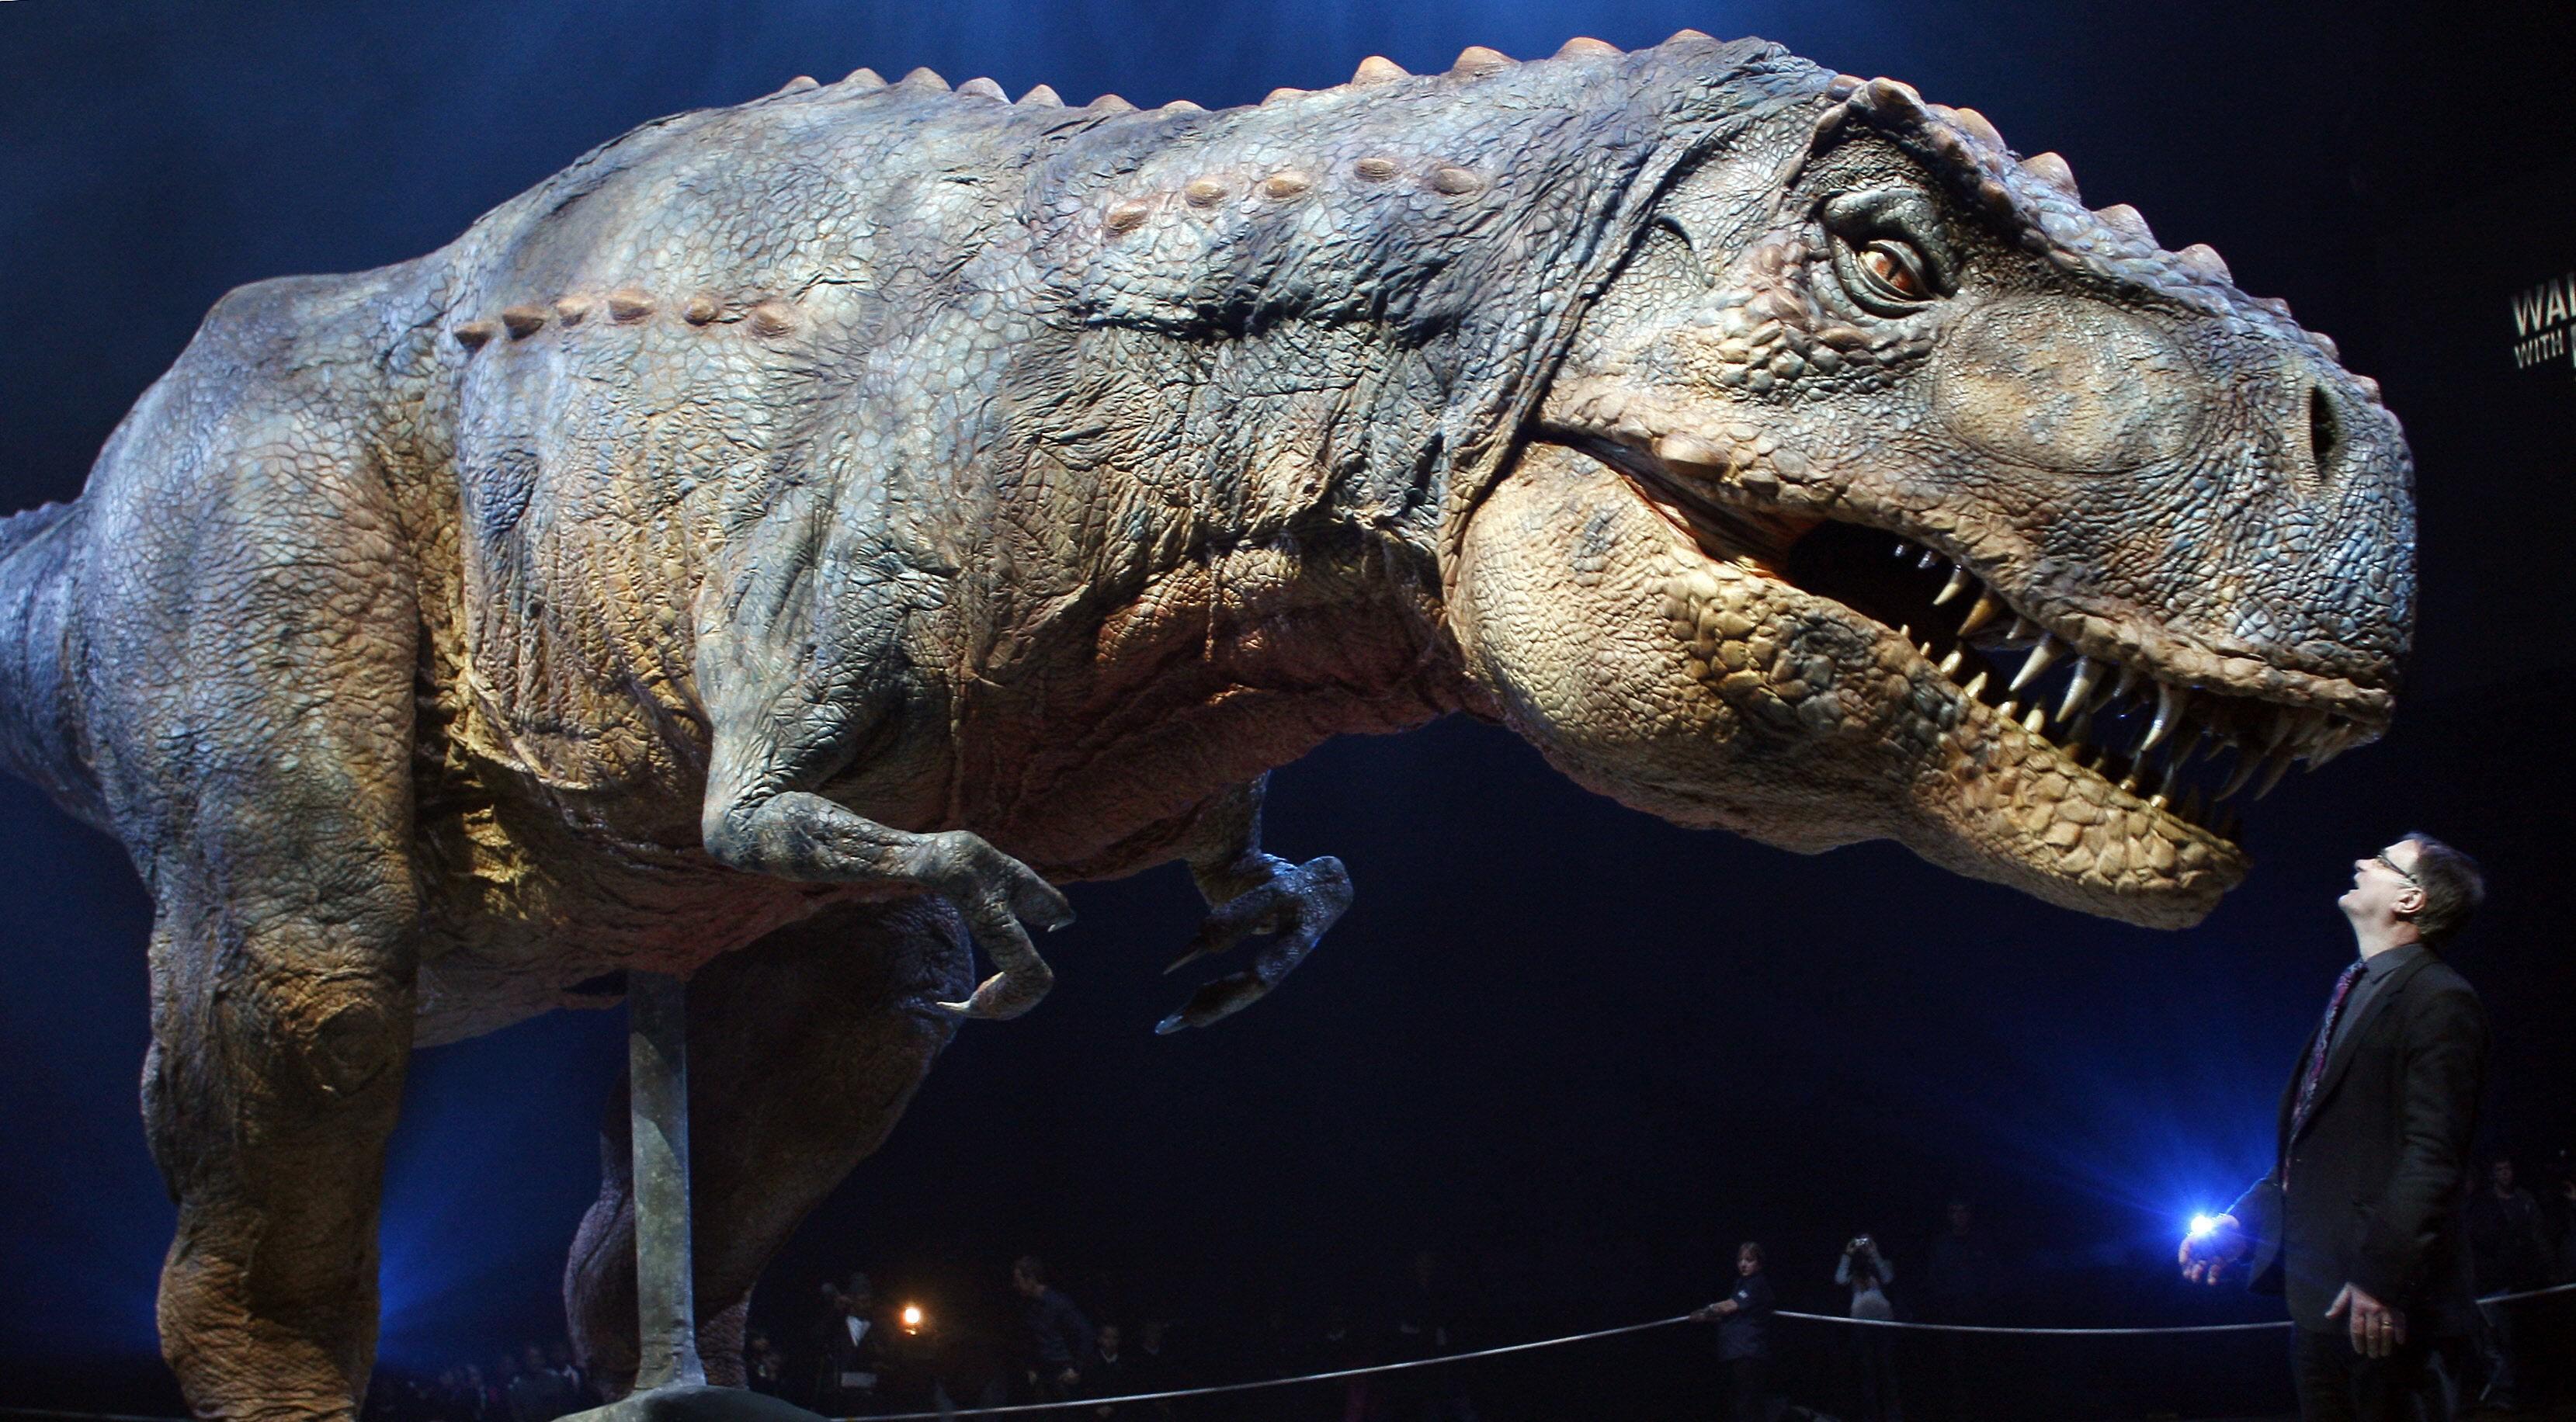 SÅ NOK ALDRI SLIK UT: Denne modellen av Tyrannosaurus rex er i tro størrelse, men paleontologer tror ikke lenger at T-rex så ut som dette. Isteden regner forskerne med at de aller fleste dinosaurer hadde fjær.